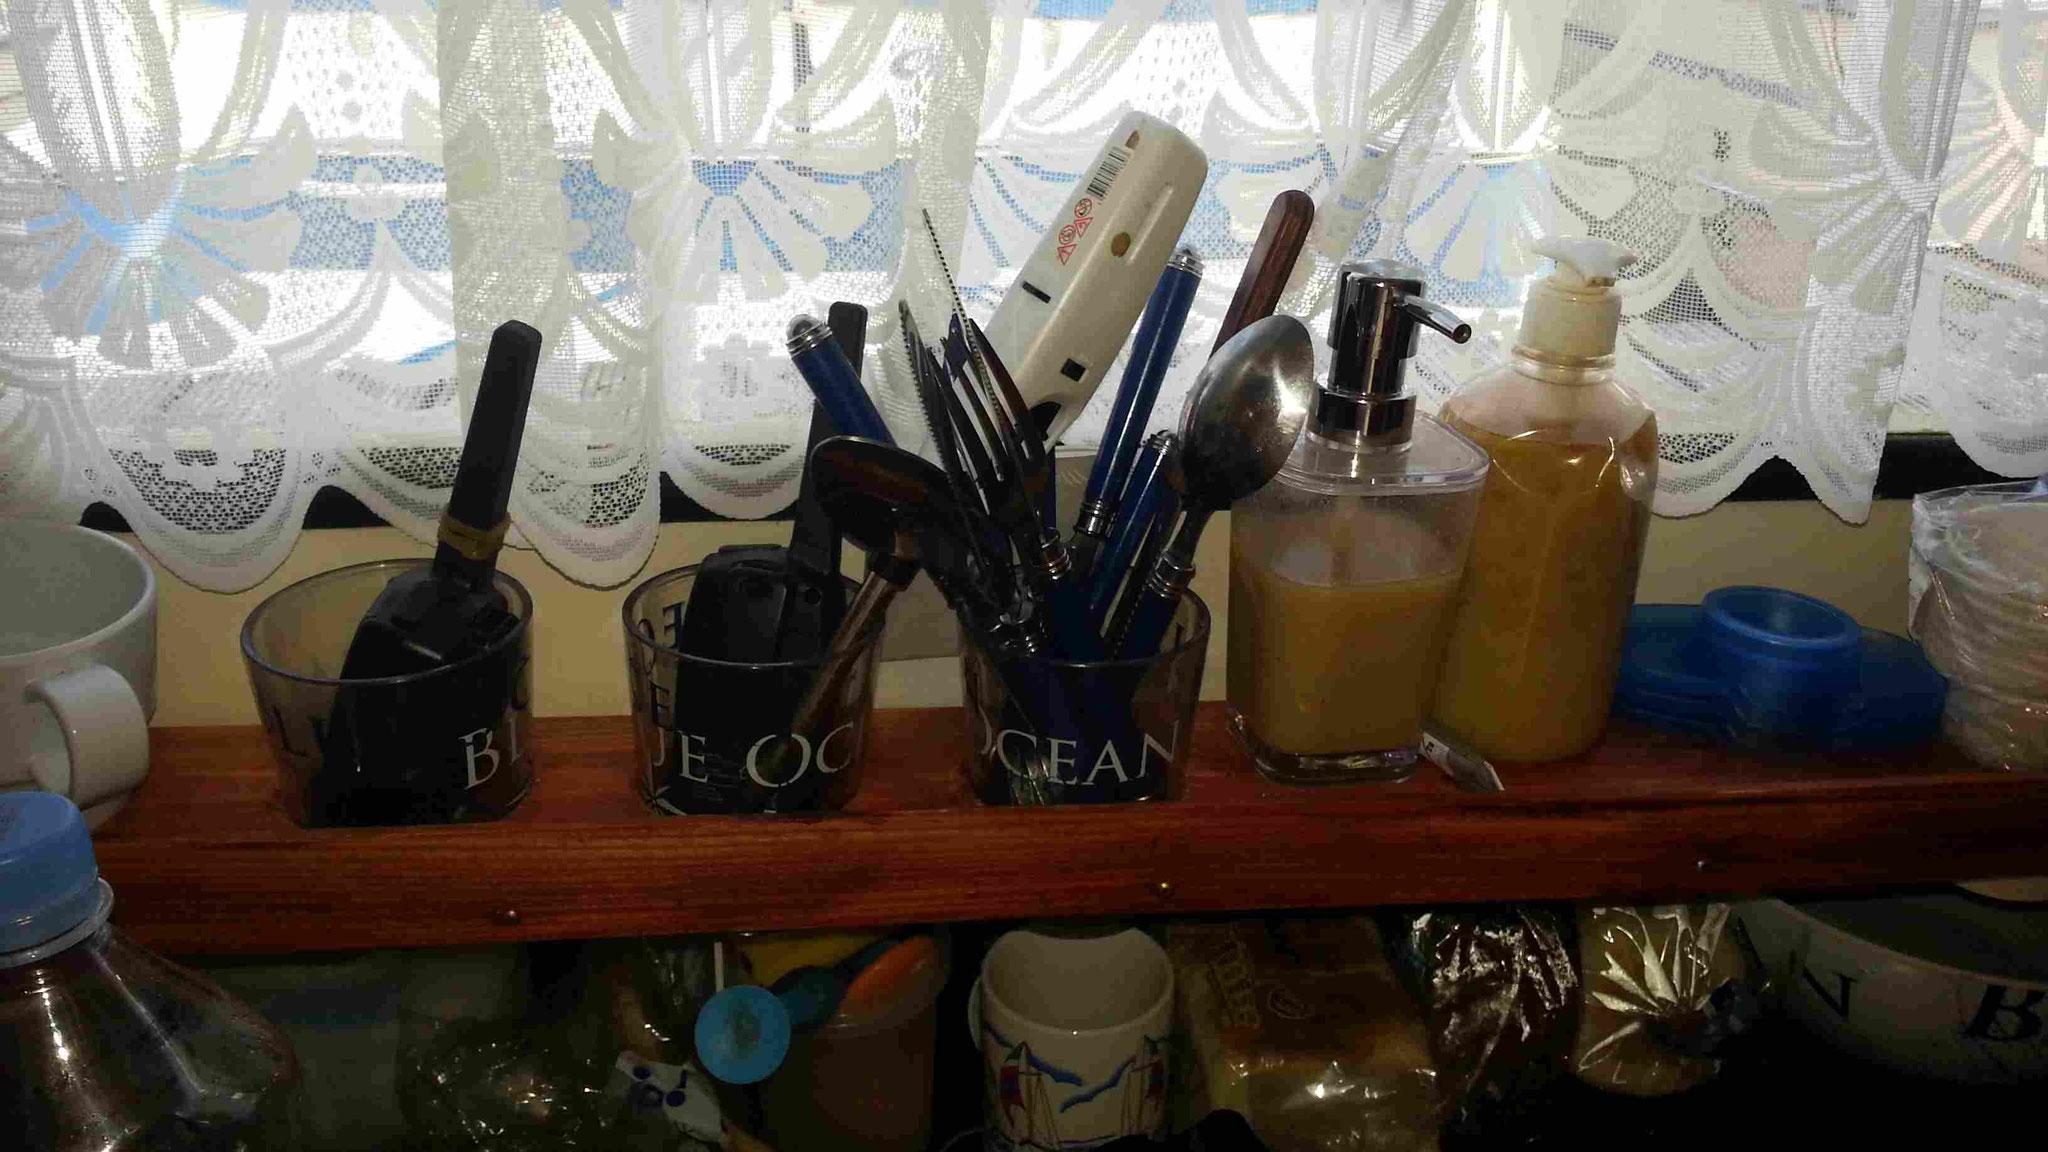 Halterung für Gläser, Tassen und Besteck auf dem Boot